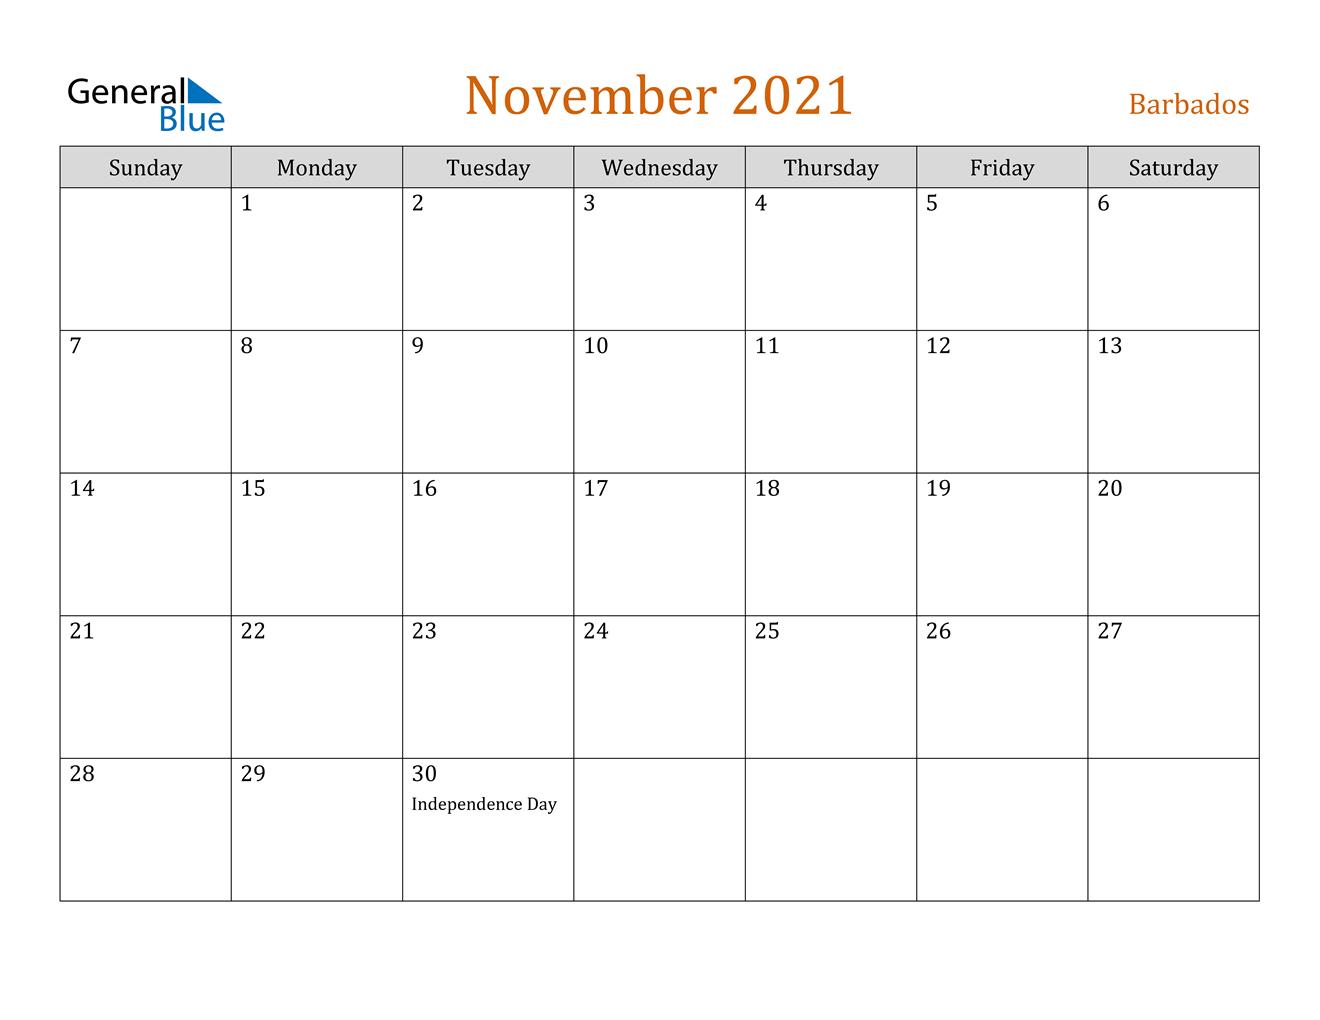 November 2021 Calendar - Barbados